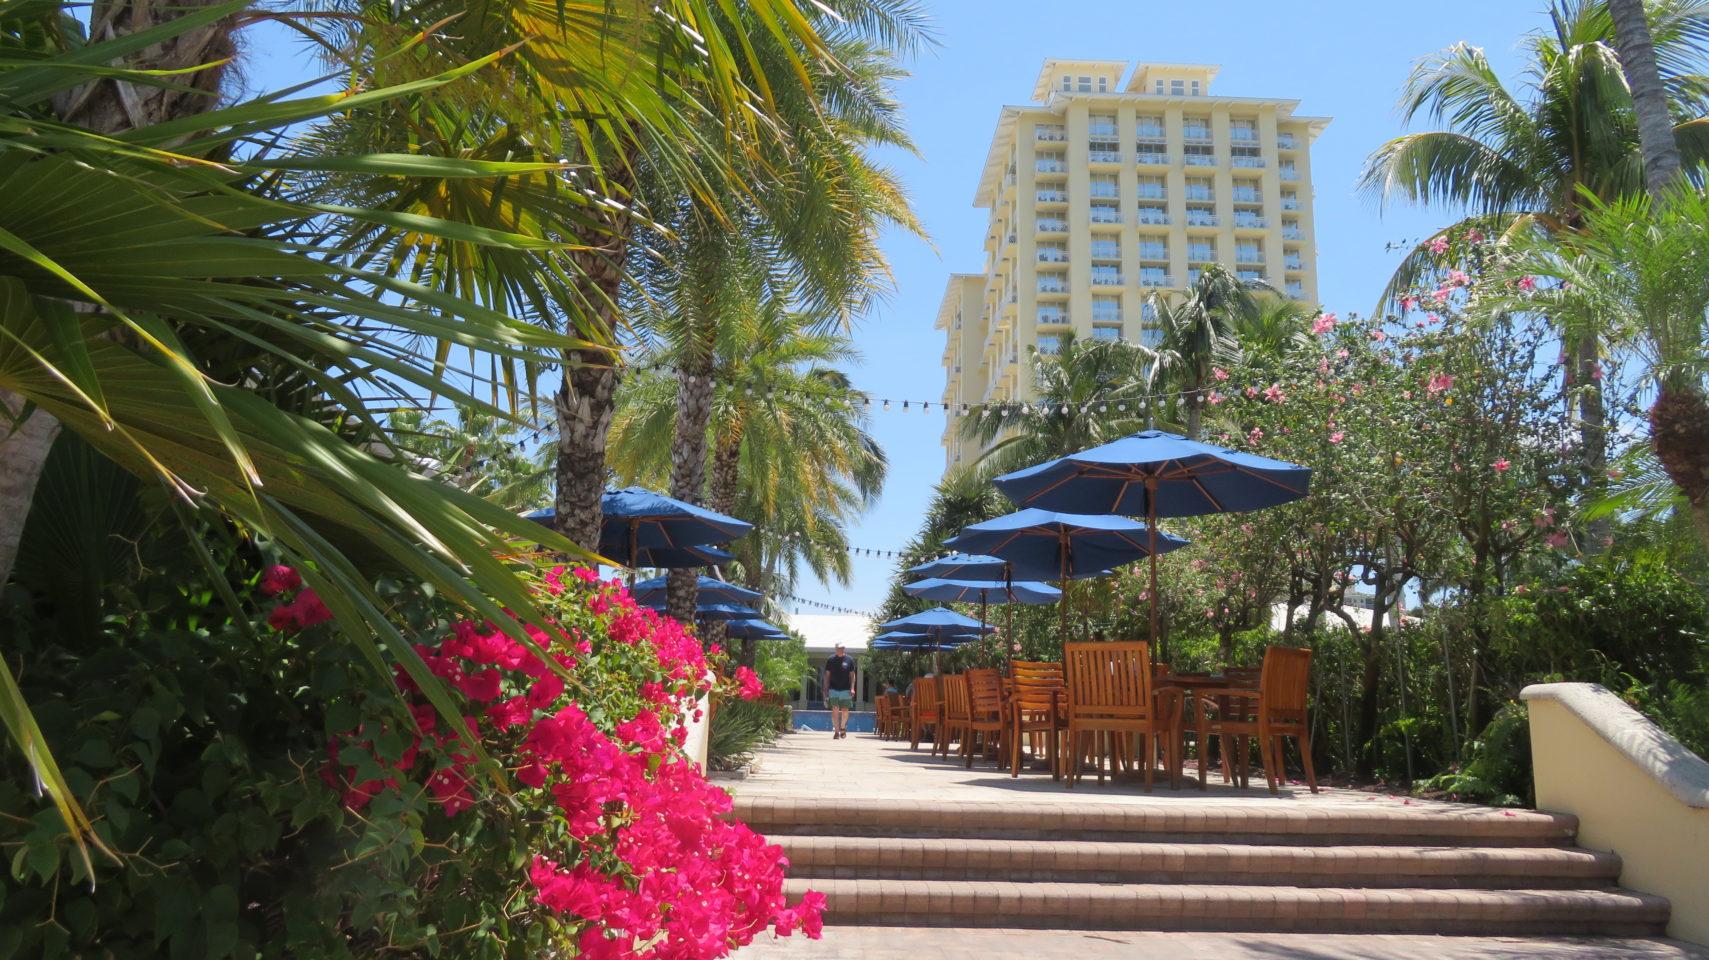 Corkscrew Restaurant at the Hyatt Regency Coconut Point ~ Gem of a Florida Resort